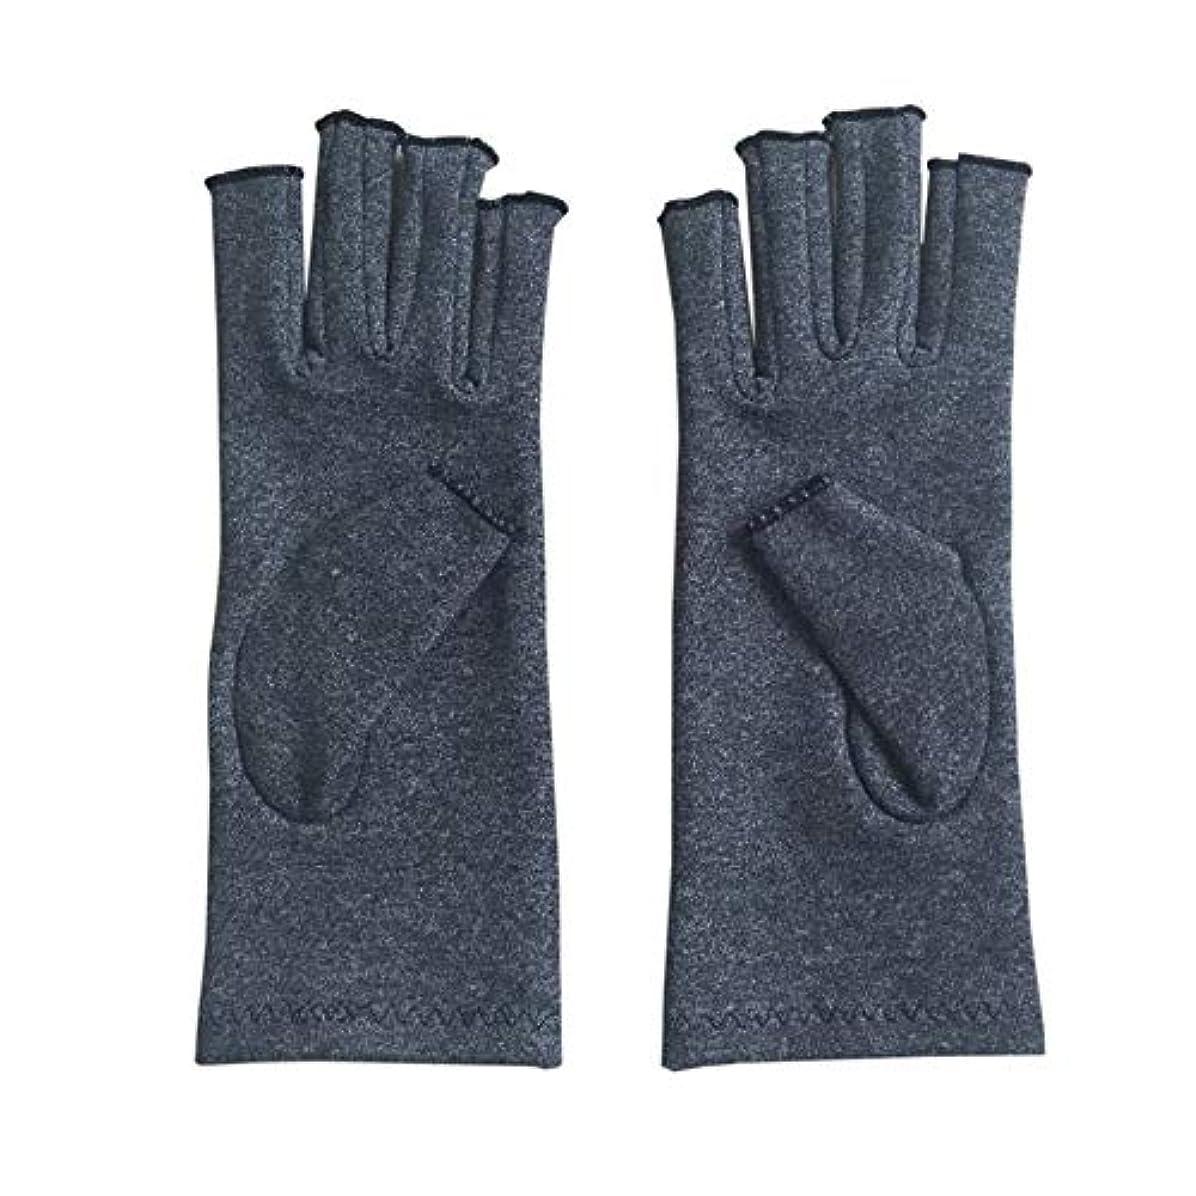 請求可能あなたのもの散歩に行くペア/セットの快適な男性の女性療法の圧縮手袋無地の通気性関節炎の関節の痛みを軽減する手袋 - グレーS